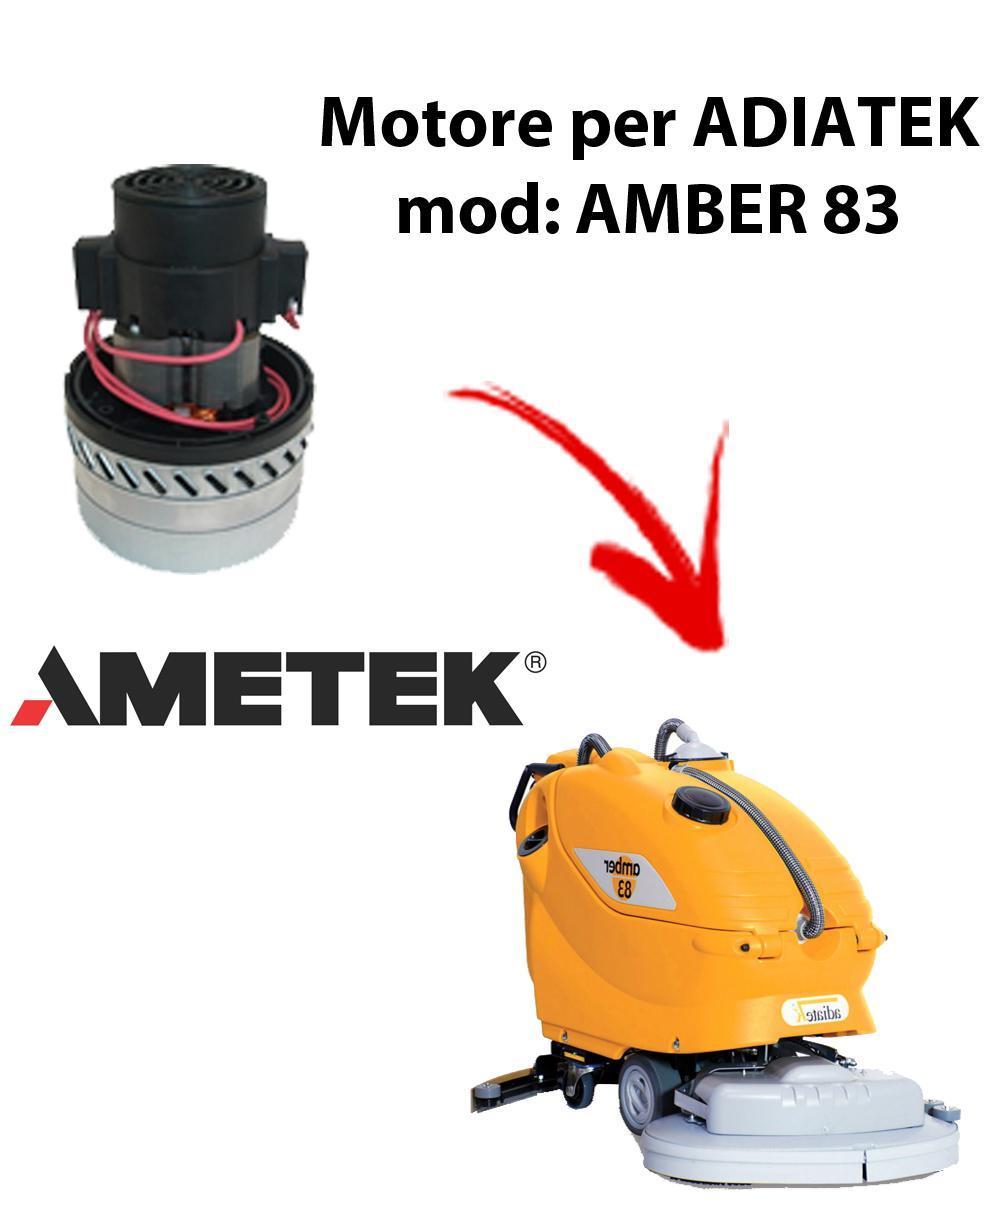 AMBER 83 Saugmotor AMETEK ITALIA für scheuersaugmaschinen Adiatek